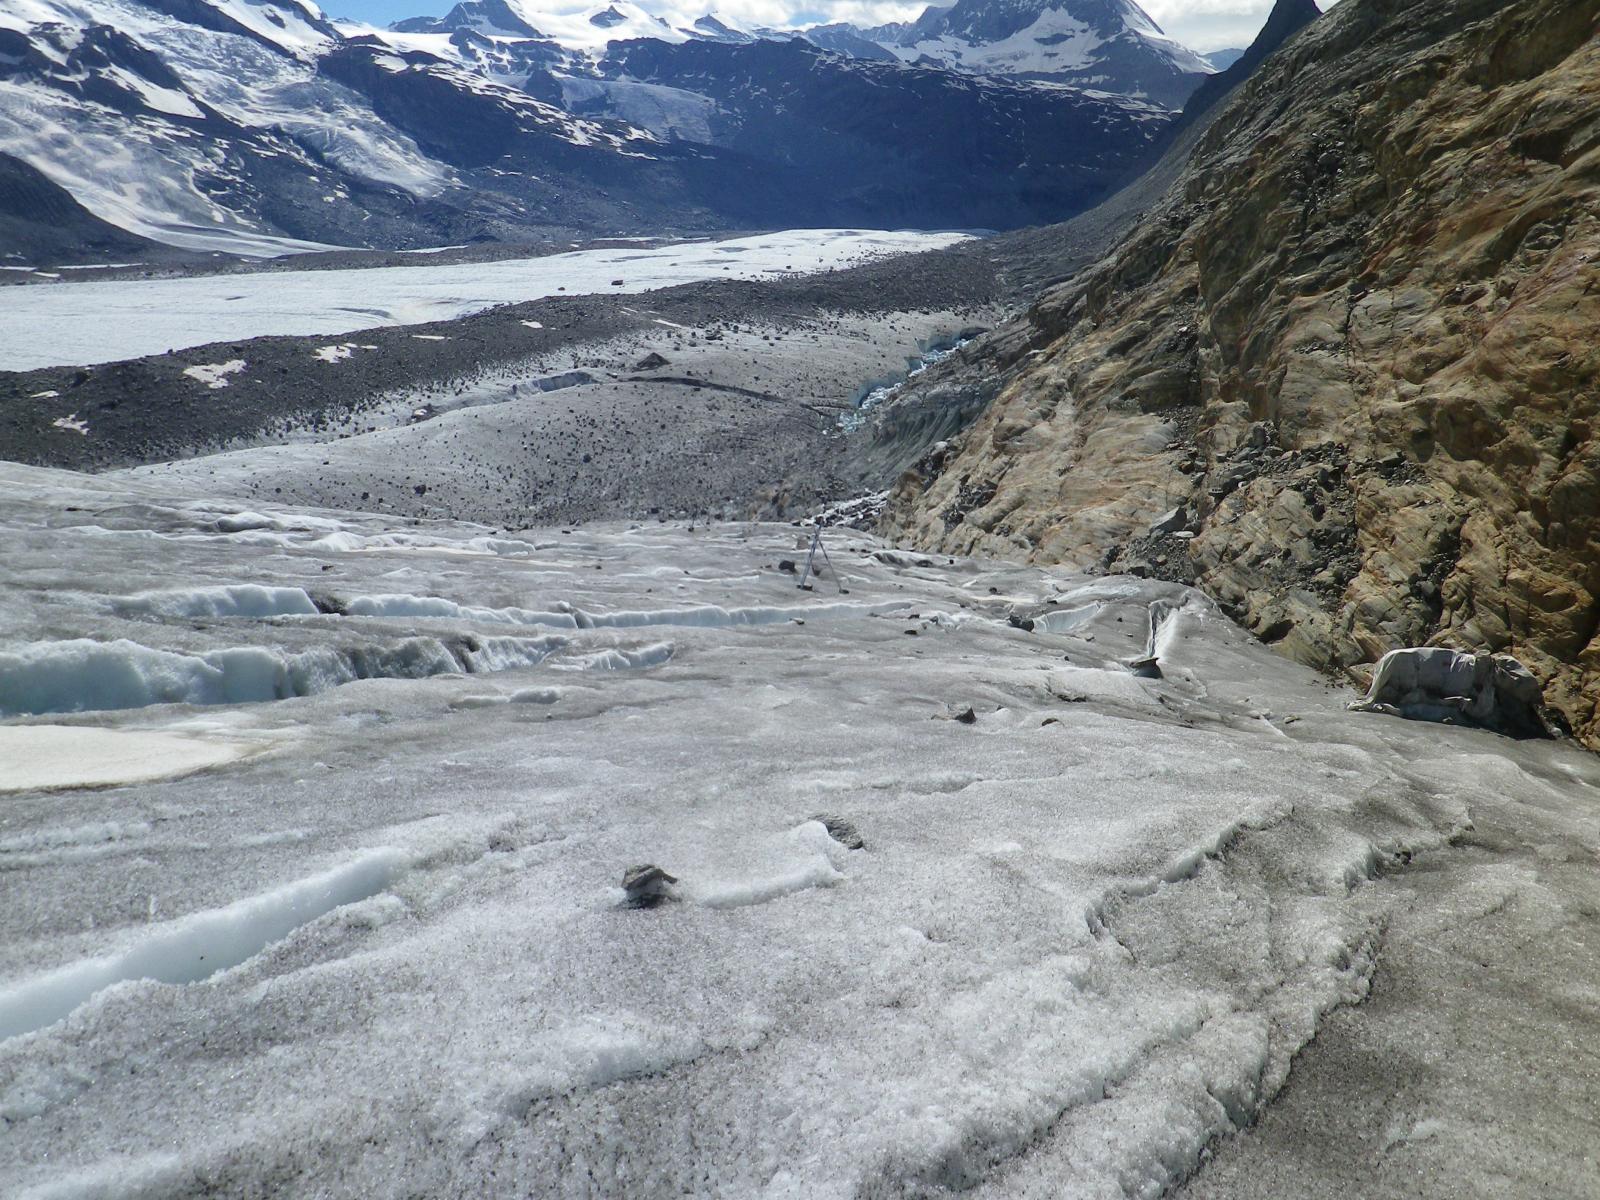 sul ghiacciaio sporco, pali si segnalazione